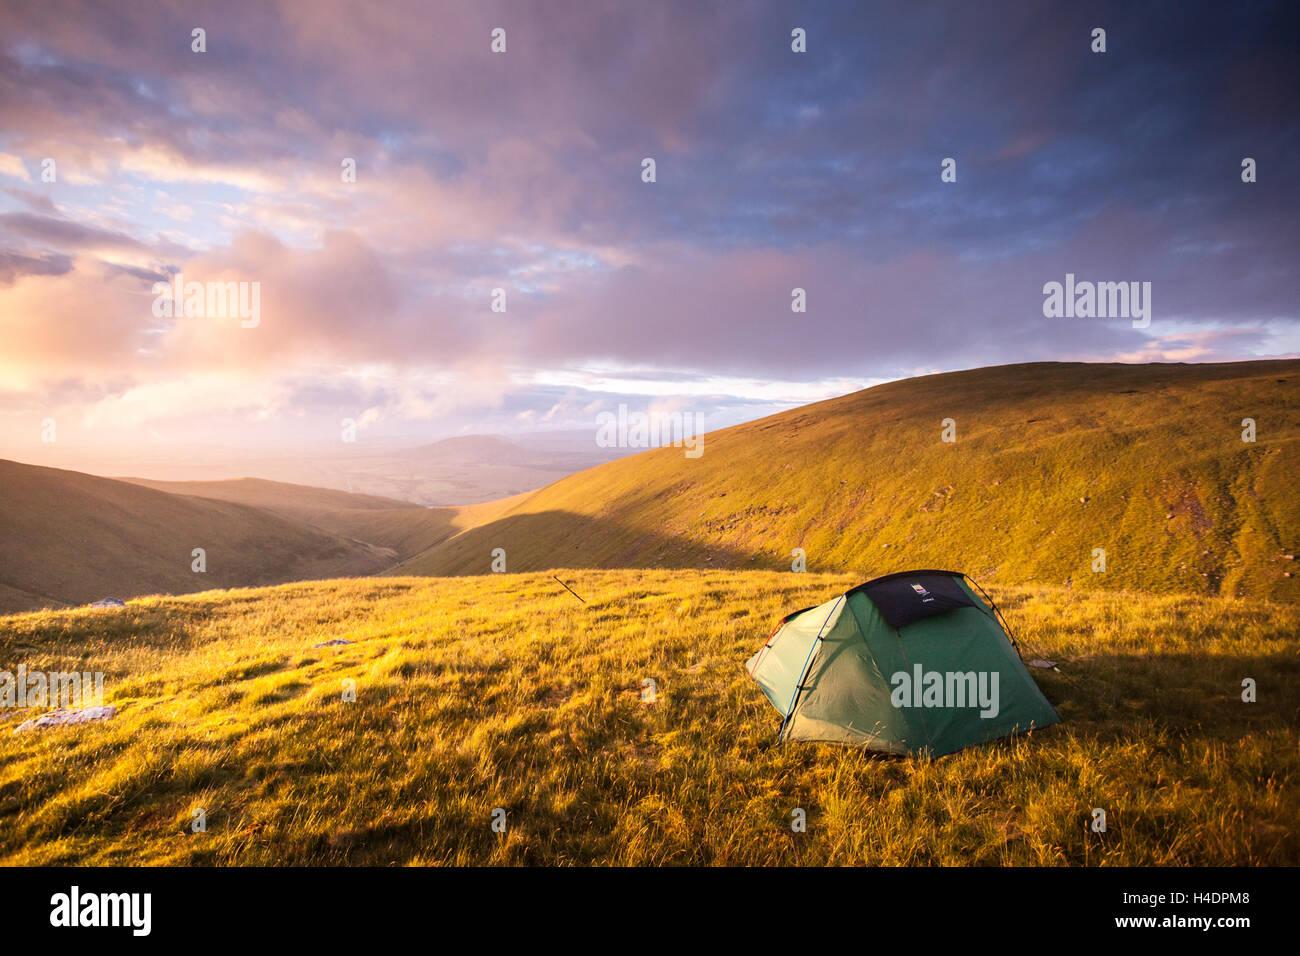 Wilde camp wenig grünes Zelt auf der Seite Blencathra Berg bei Sonnenaufgang im englischen Lake District Stockbild